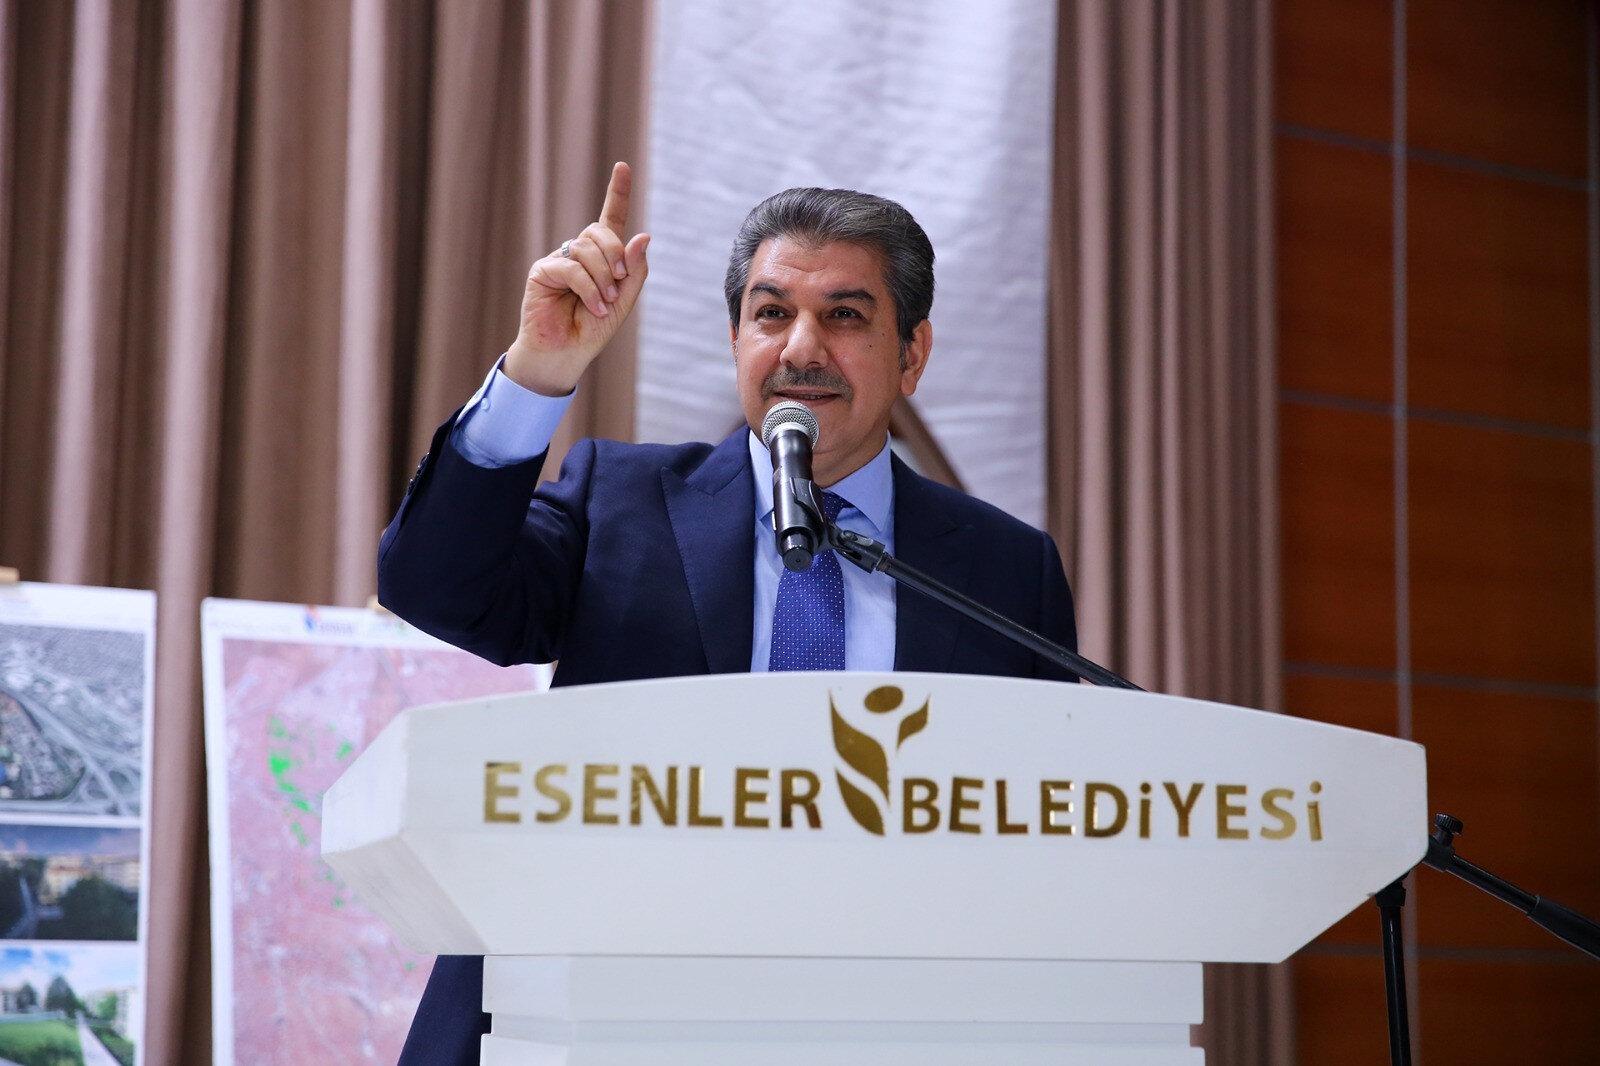 Esenler Belediye Başkanı M. Tevfik Göksu.